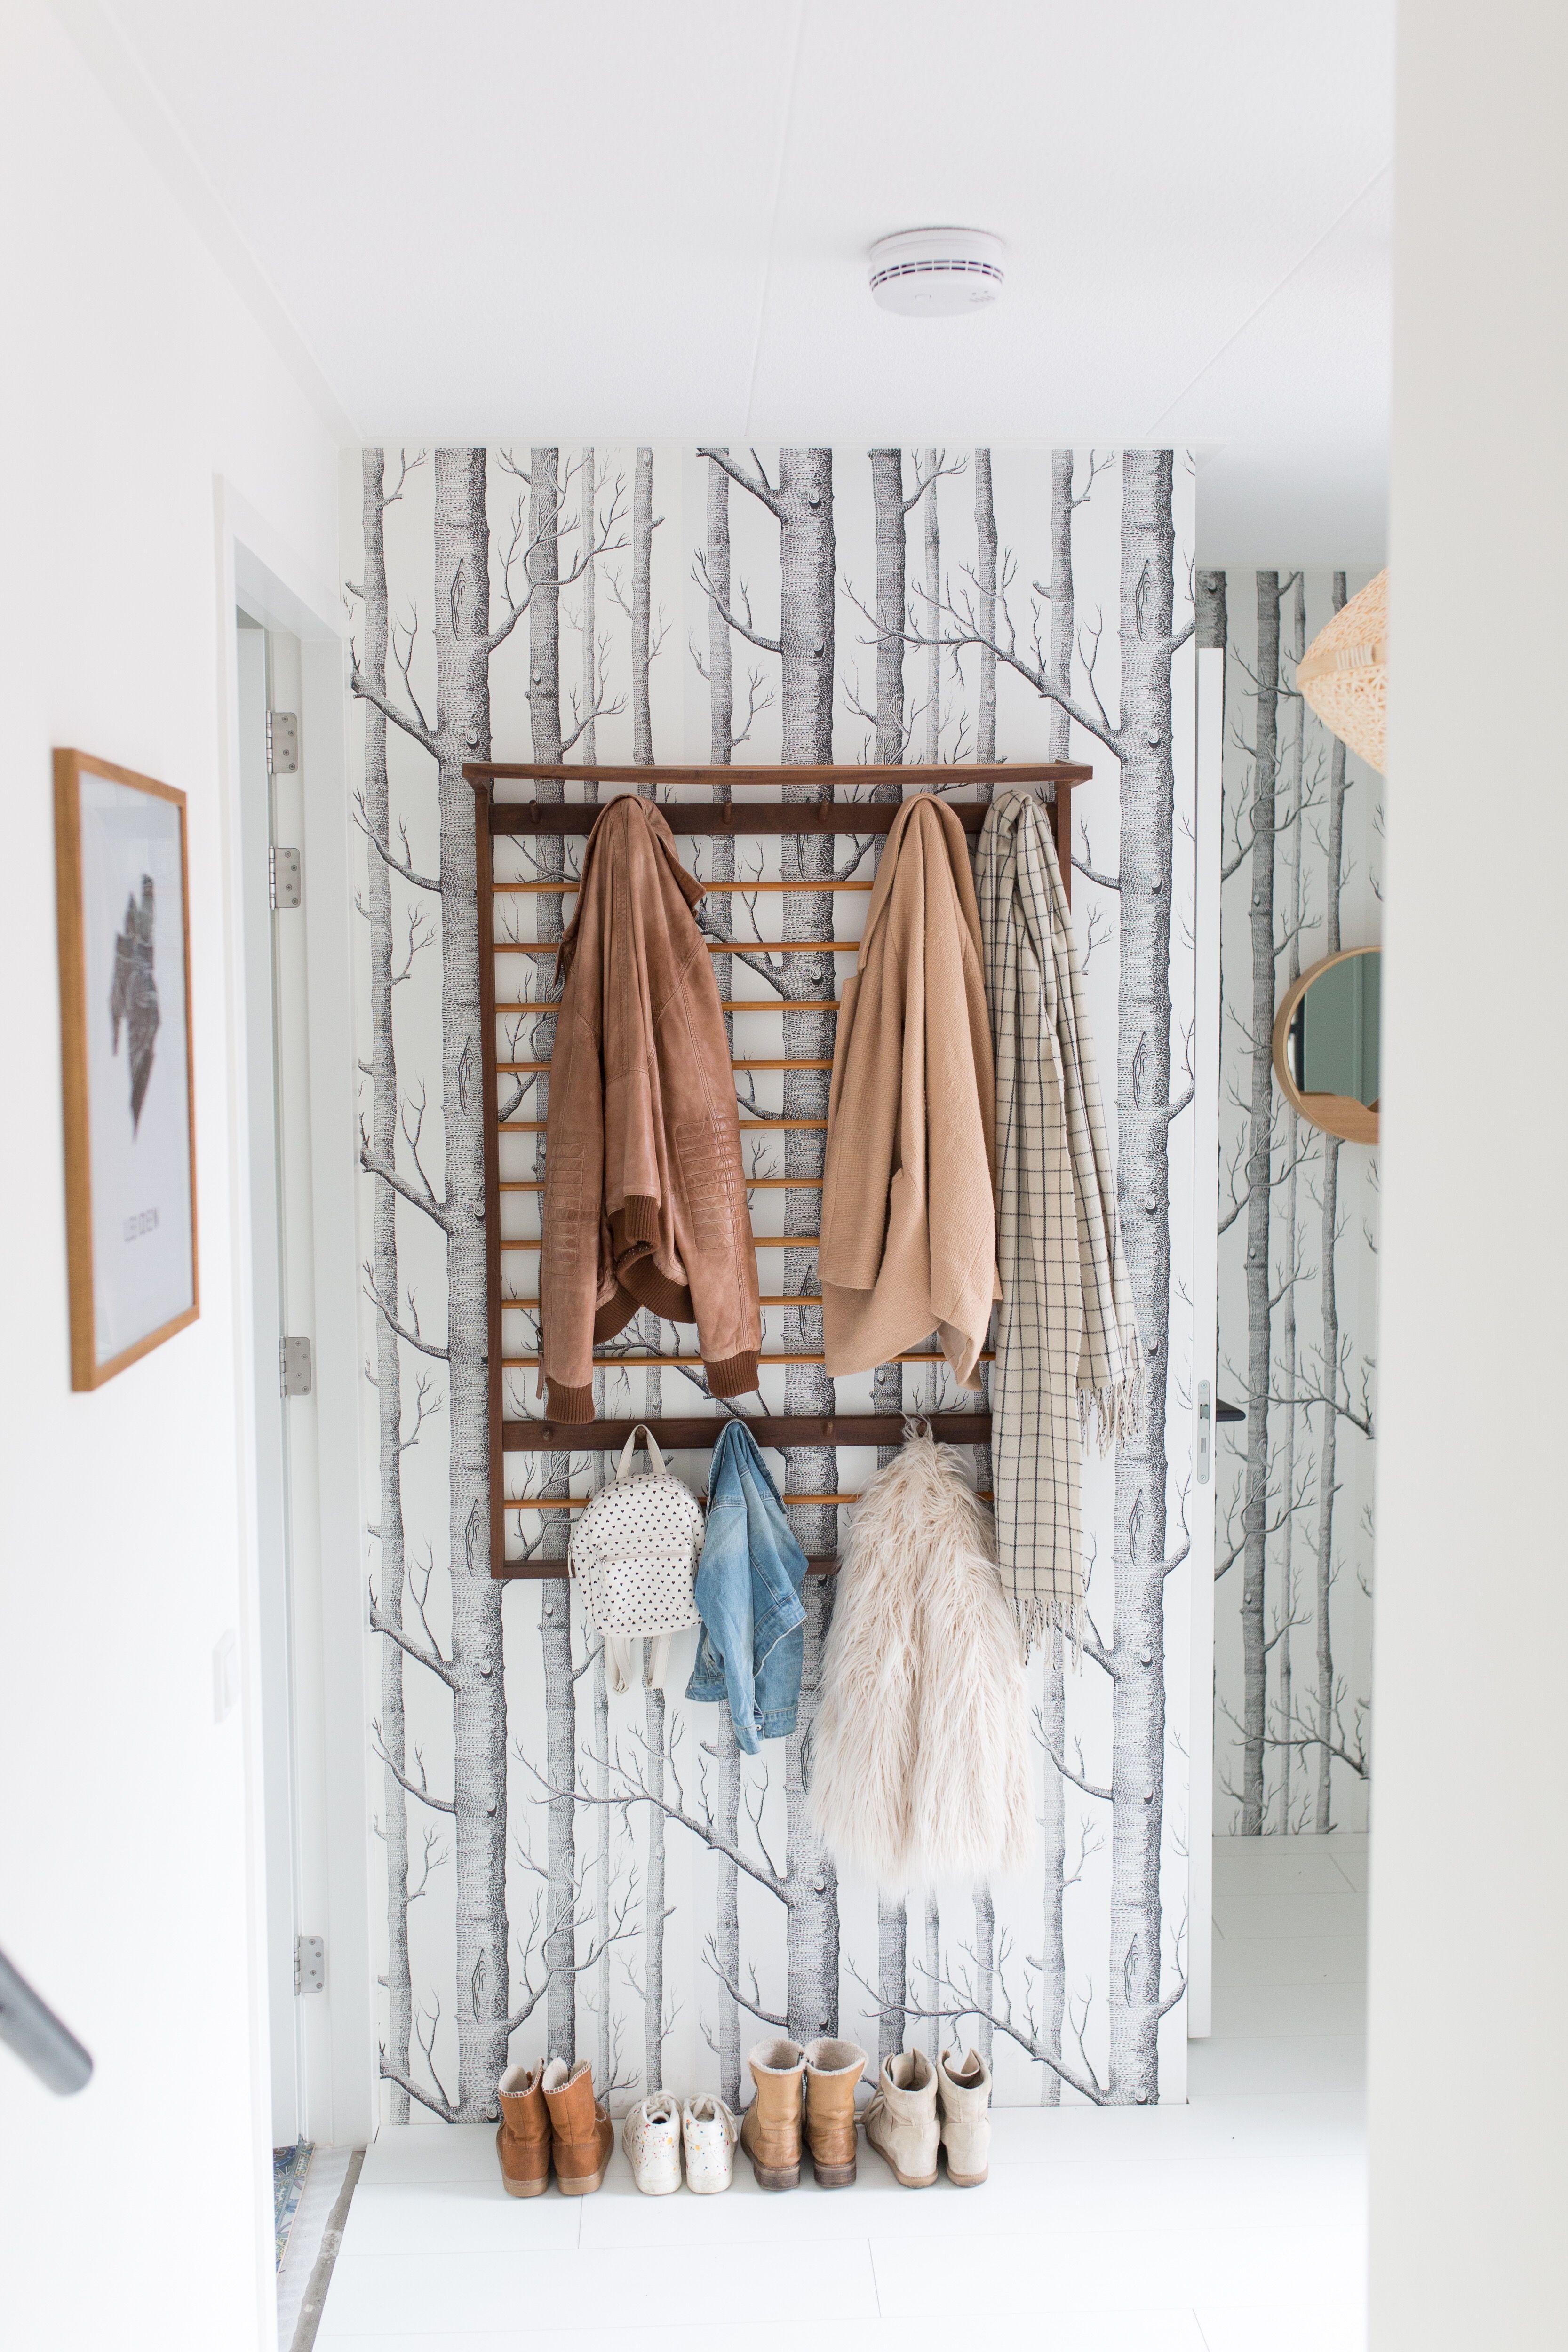 Hallway / Eline Visscher